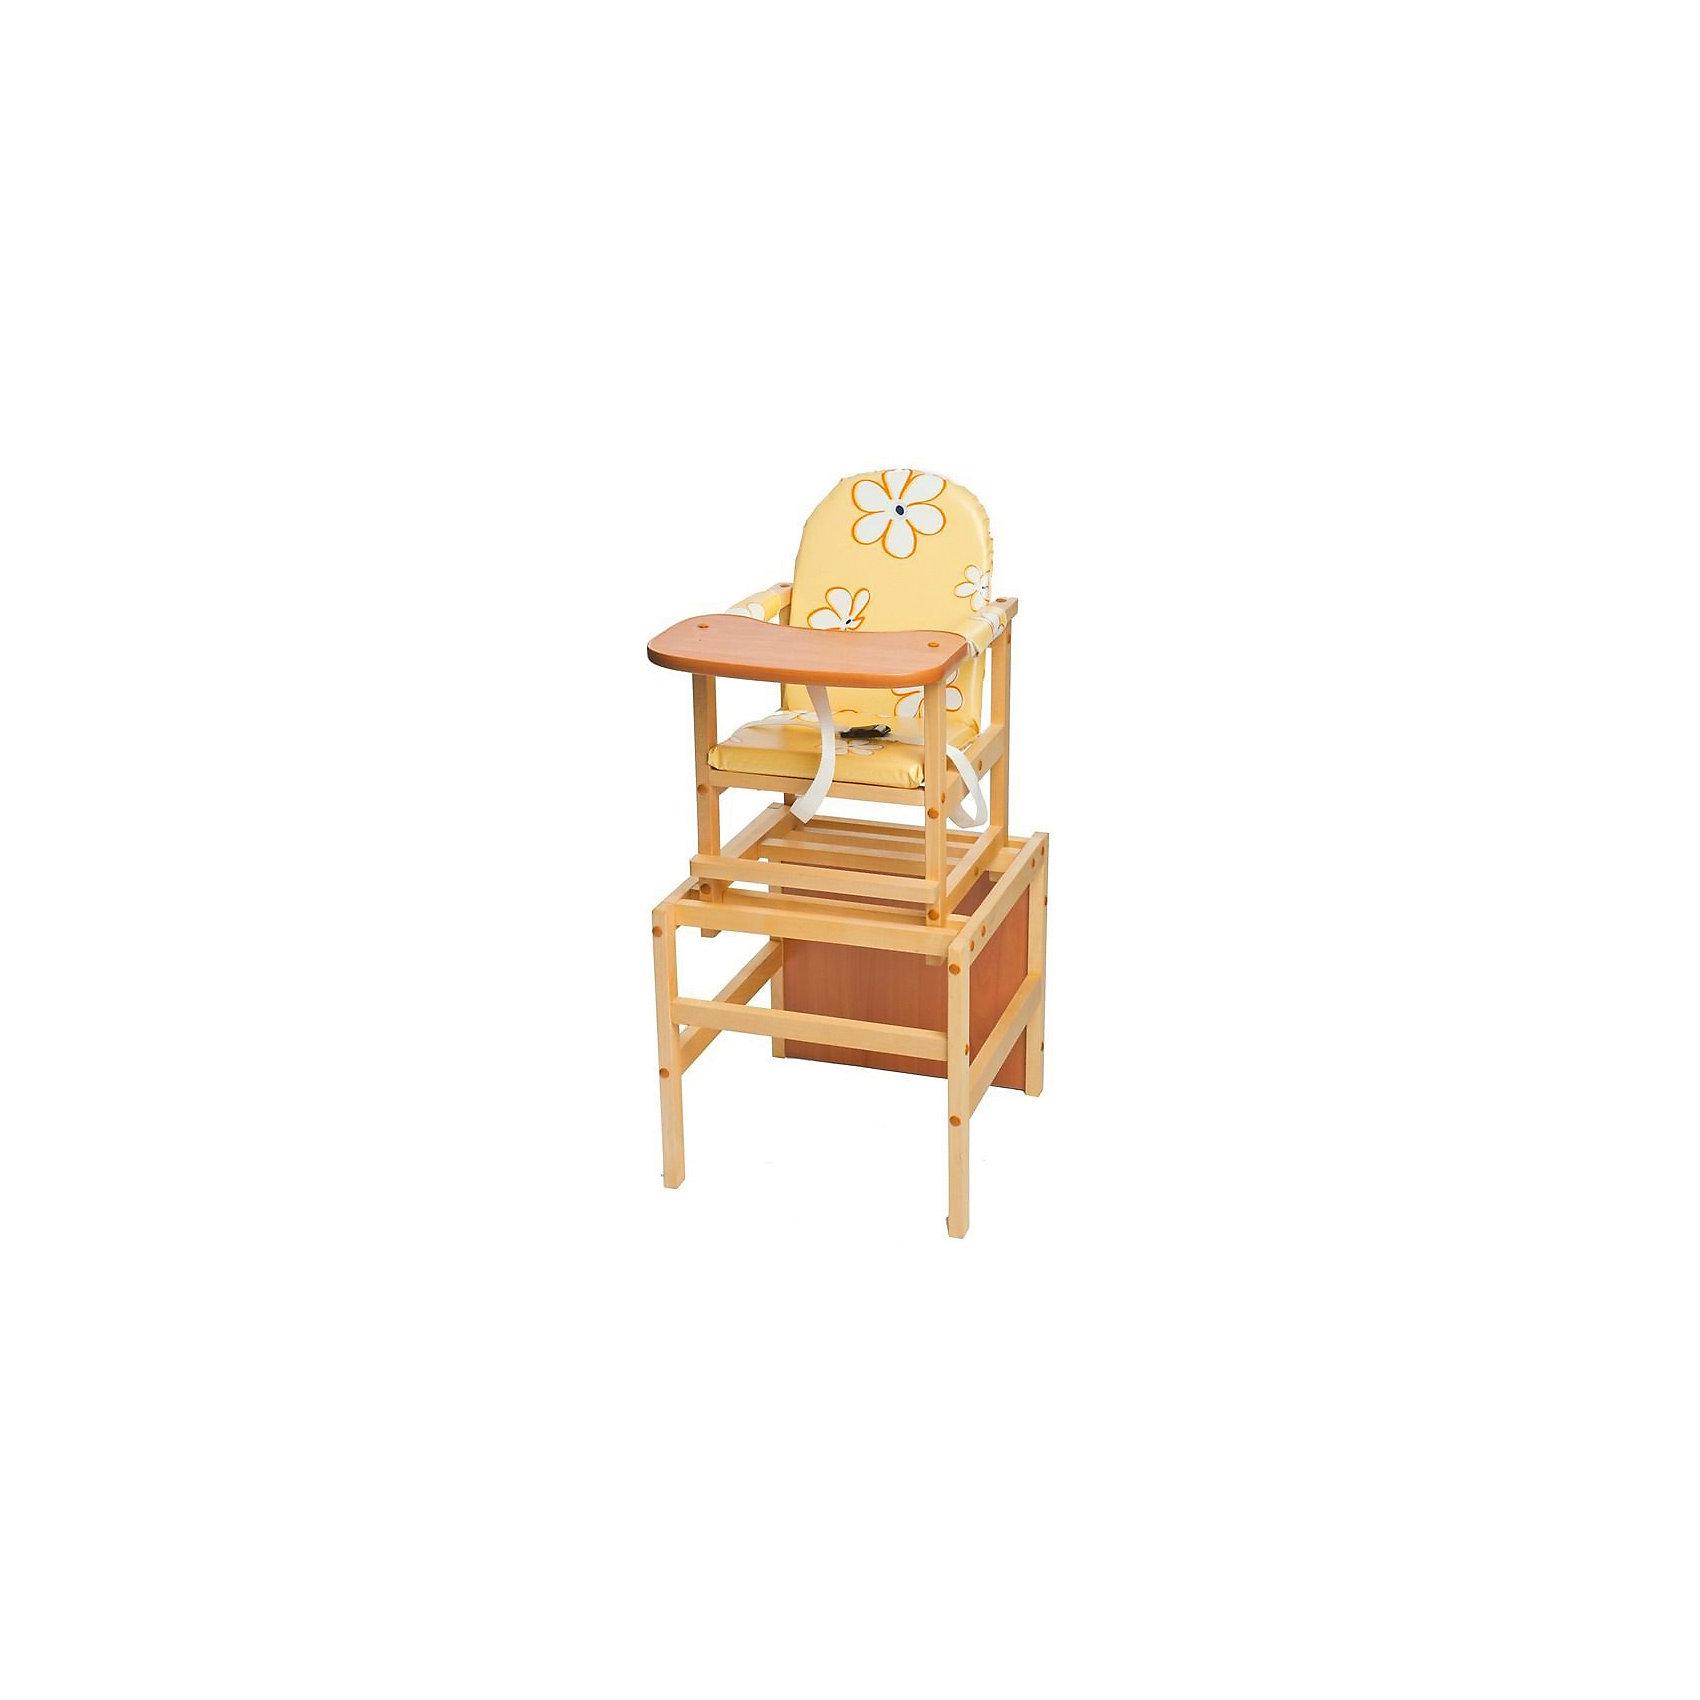 Стульчик-трансформер Октябренок Ромашки, ПМДК, желтыйПрочный и удобный стульчик-трансформер позволит посадить ребенка, не беспокоясь при этом о его безопасности. Яркий цвет обивки изделия привлечет внимание малыша. Эта модель очень удобна: стул можно применять как для кормления, он трансформируется в столик со стулом для игр, также на нем есть ремни безопасности. Когда ребенок подрастет, стульчик и столик можно использовать для рисования, лепки, и последующего кормления.<br>Сиденье и спинка -  мягкие, из непромокаемой ткани! Конструкция  - очень устойчивая. Изделие произведено из качественных и безопасных для малышей материалов (массив березы), оно соответствуют всем современным требованиям безопасности.<br> <br>Дополнительная информация:<br><br>материал: толстый ламинат, массив березы;<br>столешница широкая и овальная;<br>обивка мягкая сшита из непромокаемой бязи;<br>легко раскладывается из высокого стула в комплект стол со стулом;<br>размер: 48х36х52 см;<br>возраст: от 6 месяцев до 5 лет.<br><br>Стульчик-трансформер Октябренок Ромашки, желтый, от компании ПМДК можно купить в нашем магазине.<br><br>Ширина мм: 480<br>Глубина мм: 360<br>Высота мм: 520<br>Вес г: 8000<br>Возраст от месяцев: 6<br>Возраст до месяцев: 36<br>Пол: Унисекс<br>Возраст: Детский<br>SKU: 4720061